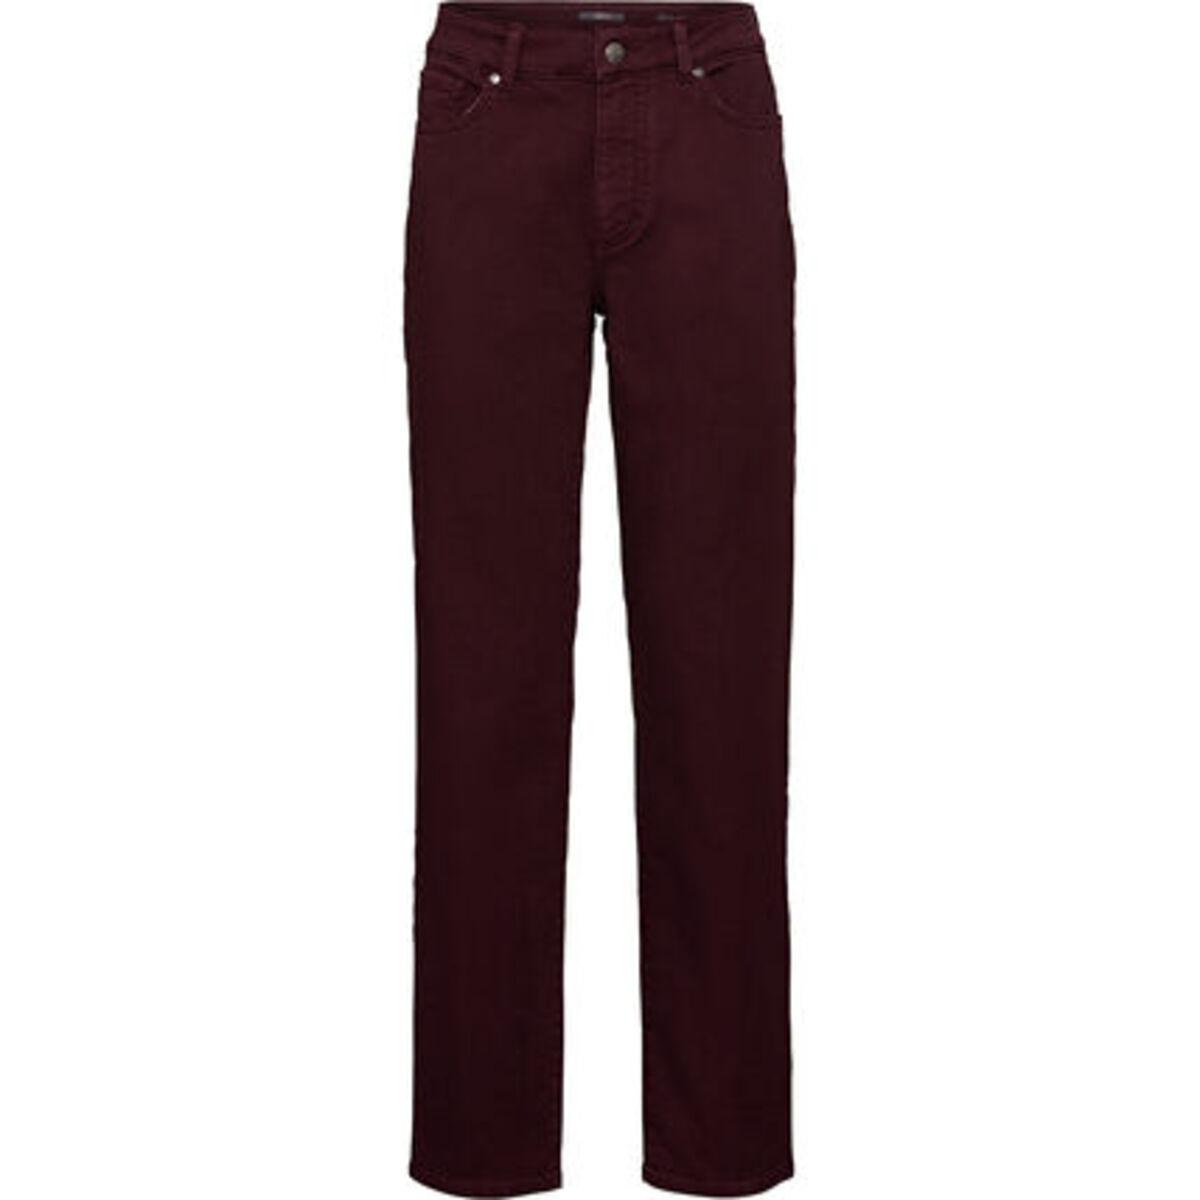 Bild 1 von Adagio Damen Jeans